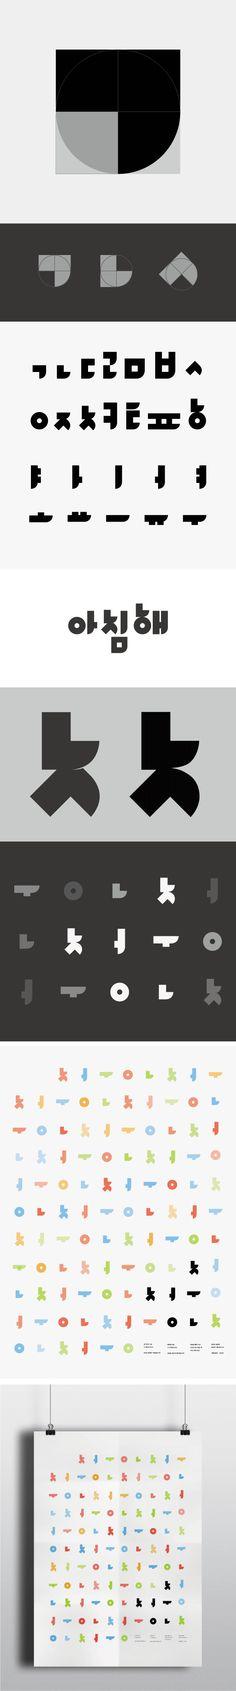 2014 Typography 2 한글 탈네모꼴 개발 / 포스터 (A1) #청춘 타이포그래피 #hangeul designed by #suhyeonkim